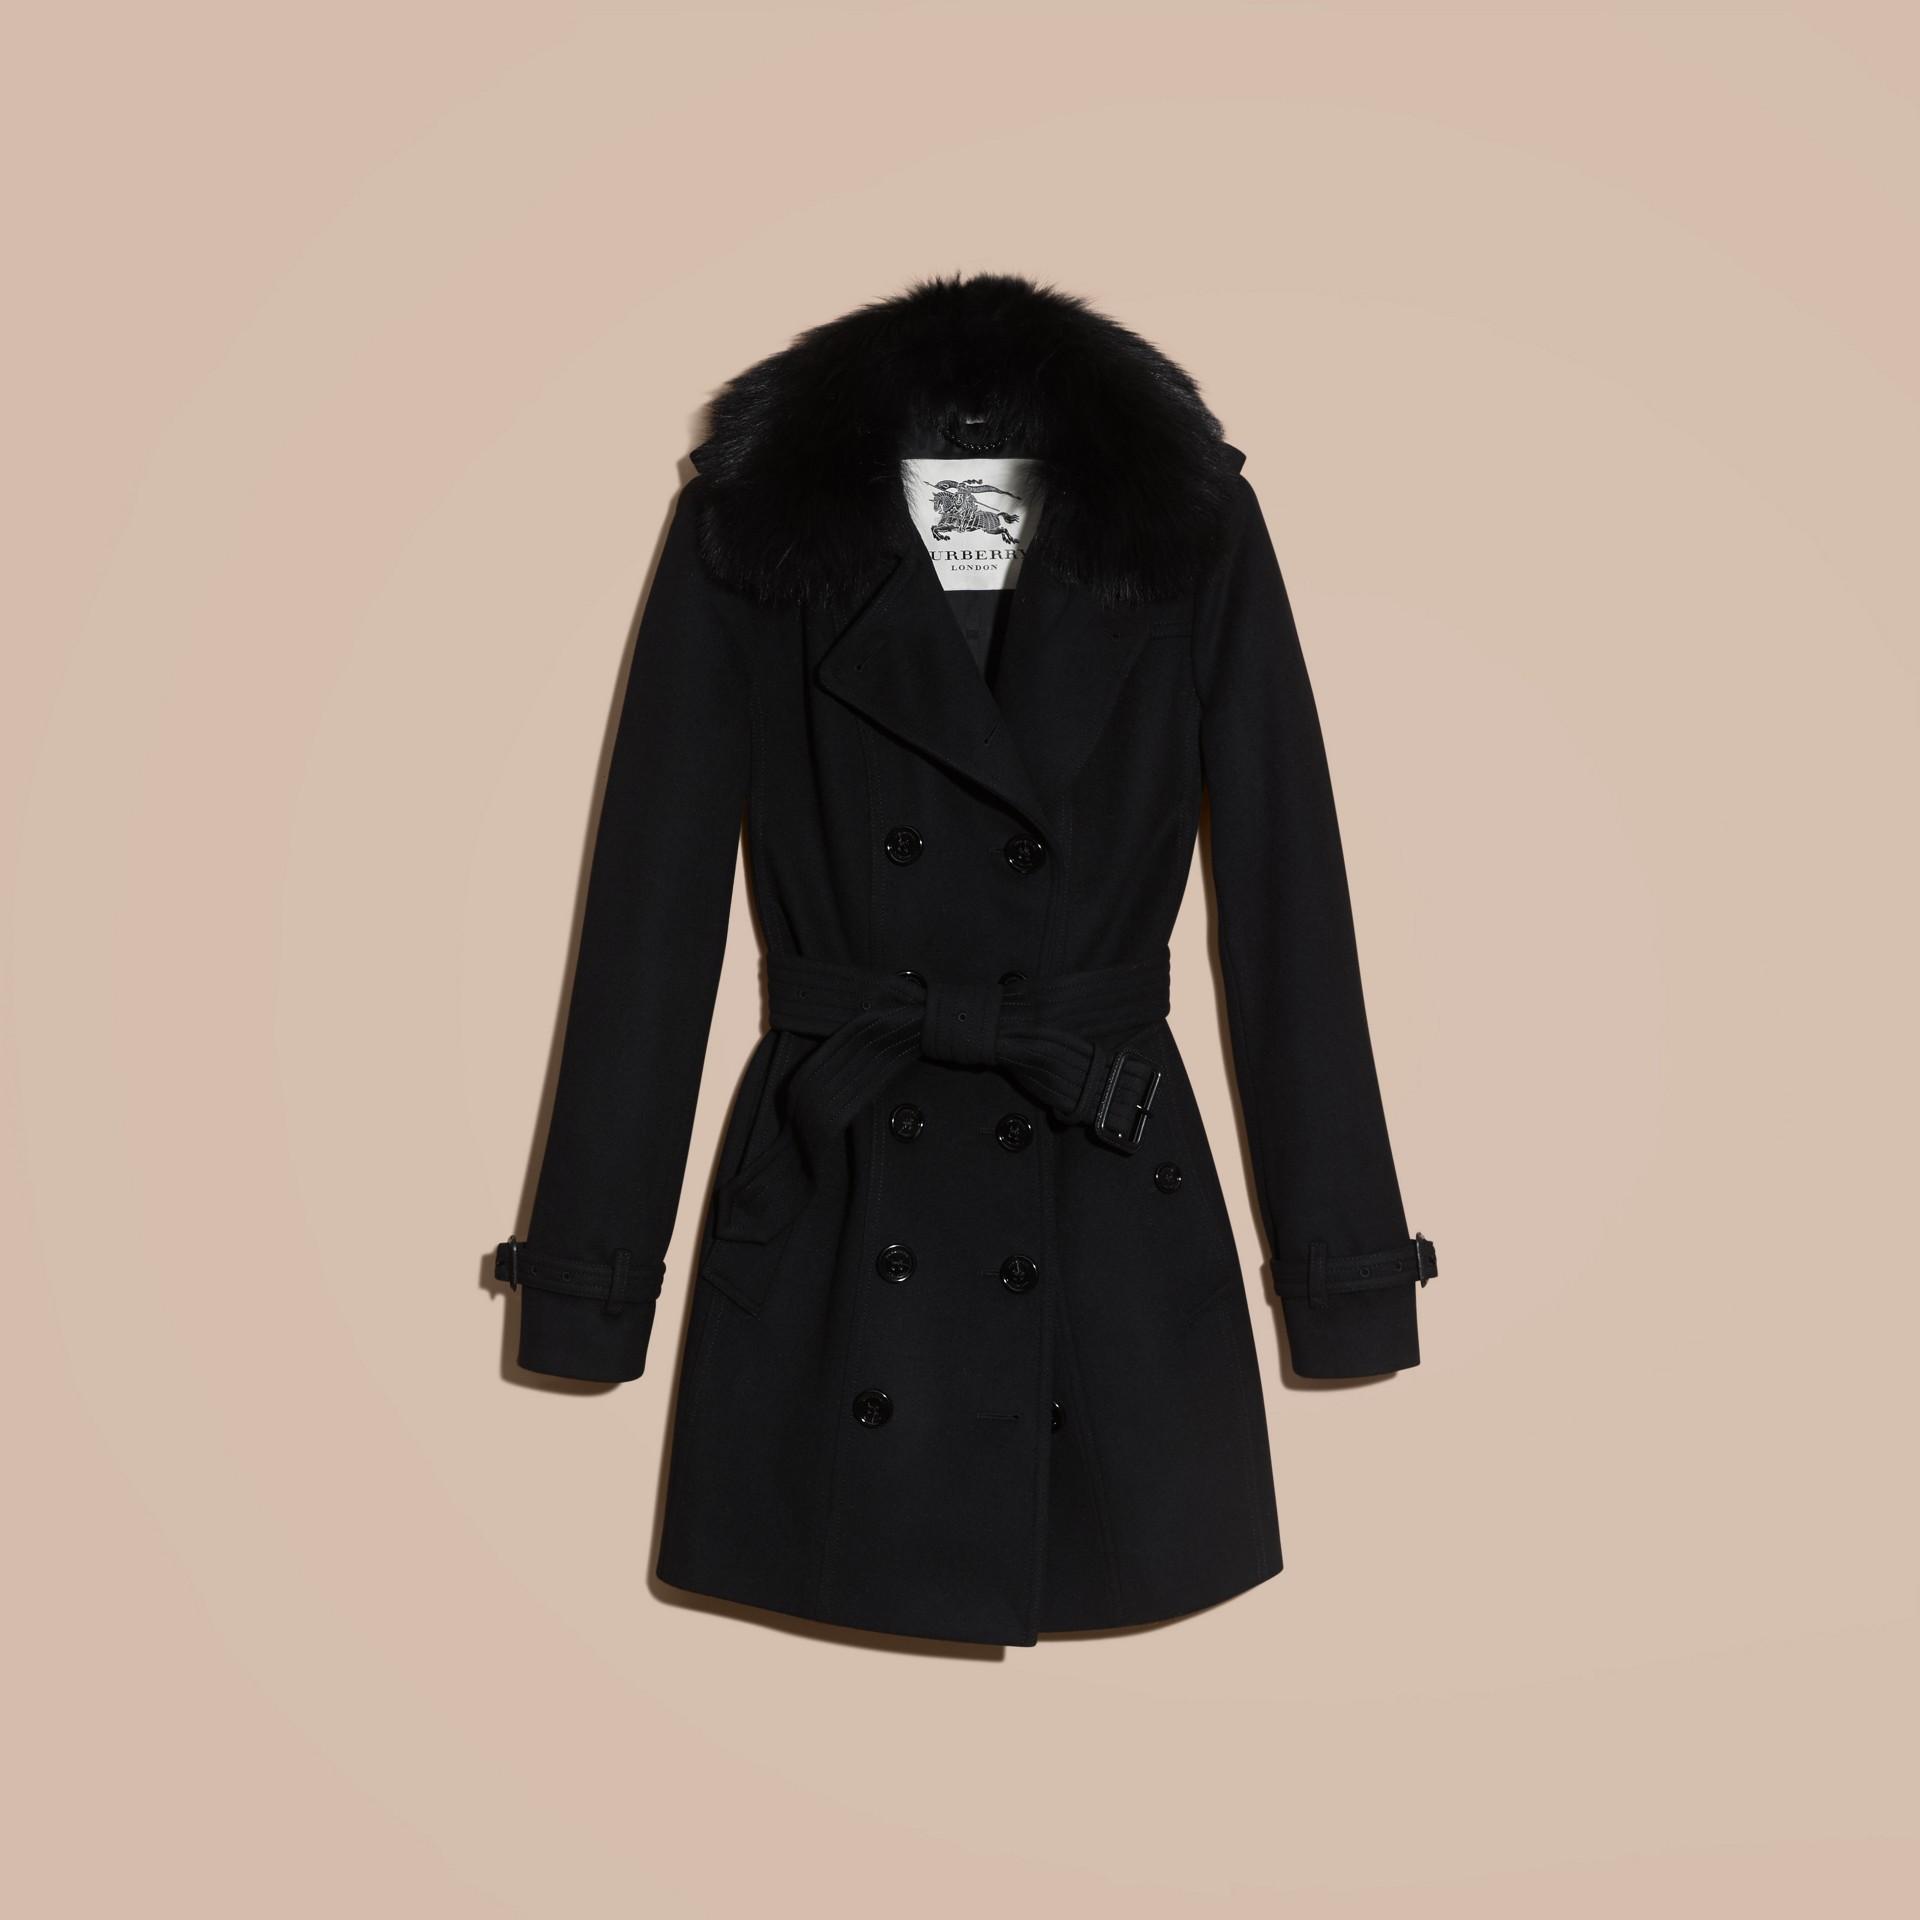 Nero Trench coat in lana e cashmere con collo in pelliccia di volpe Nero - immagine della galleria 4